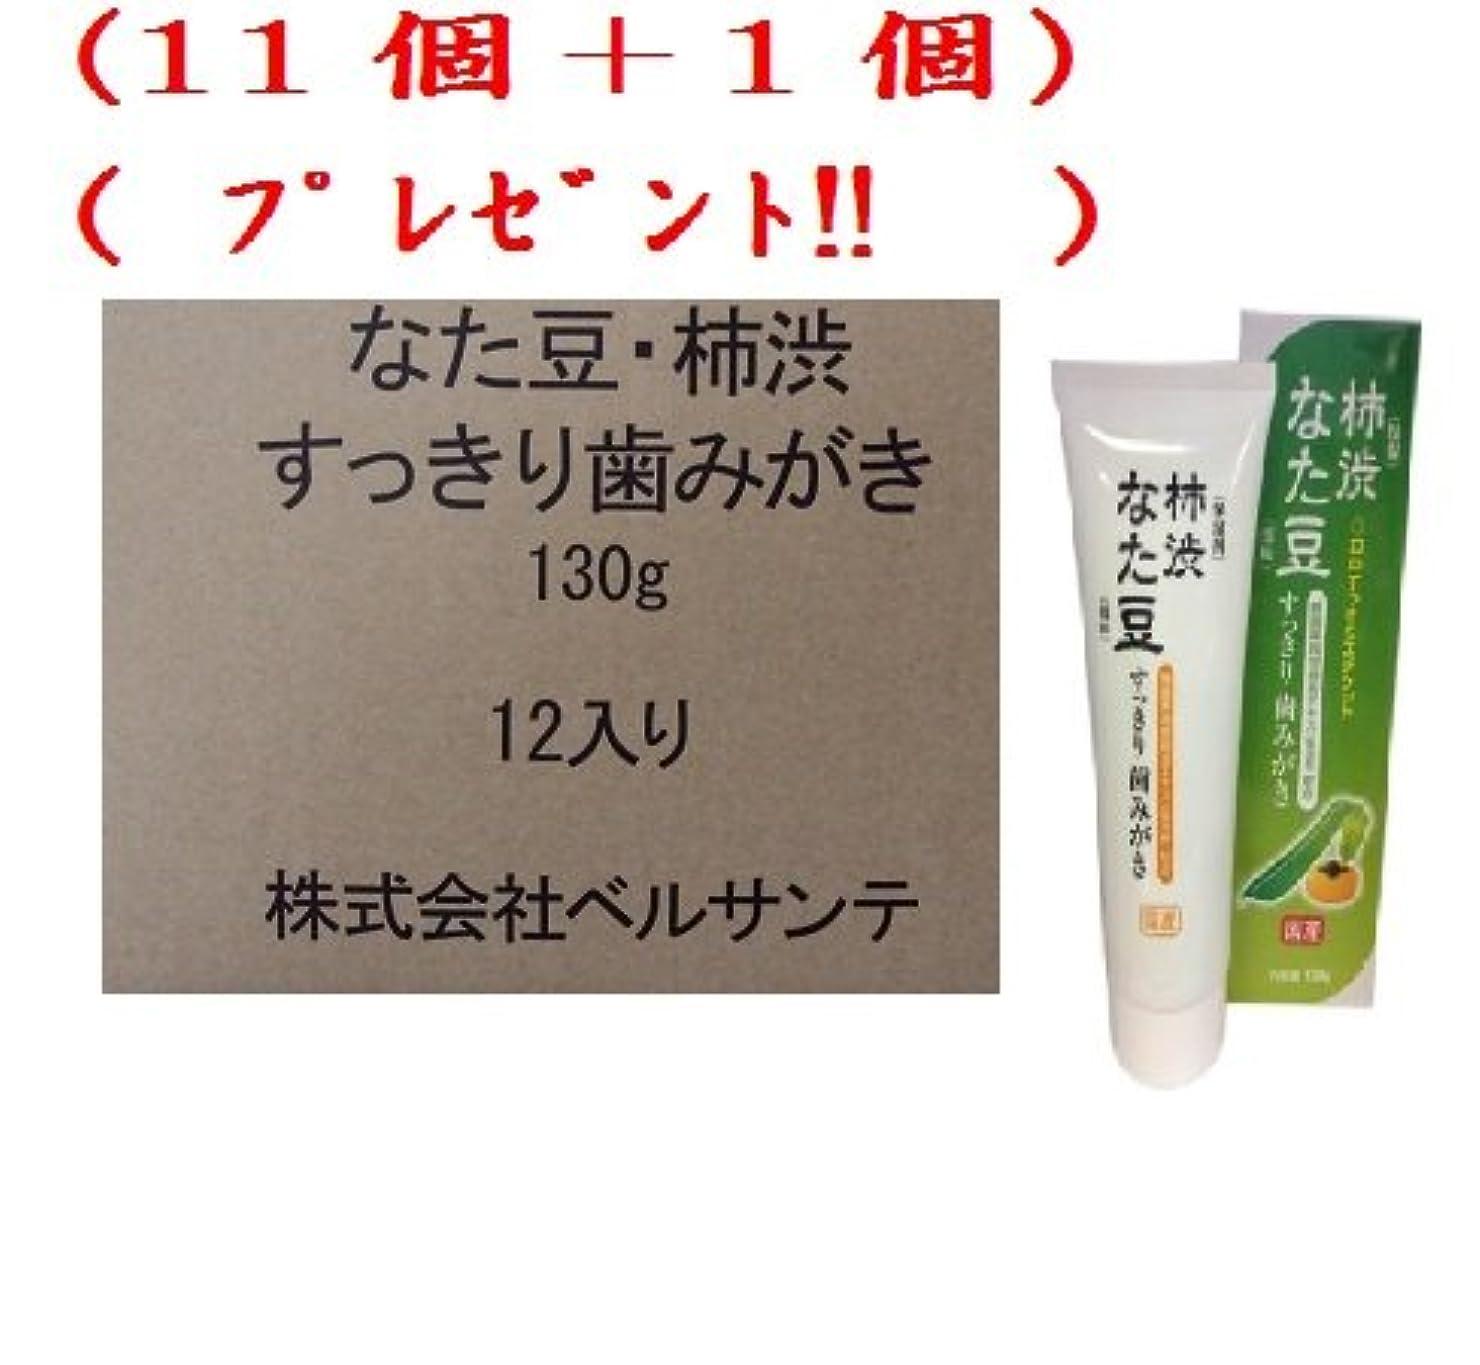 インフレーションアライメントバーベキューナタ豆柿渋歯みがき130g(●11個購入特別価額+1個プレゼント)